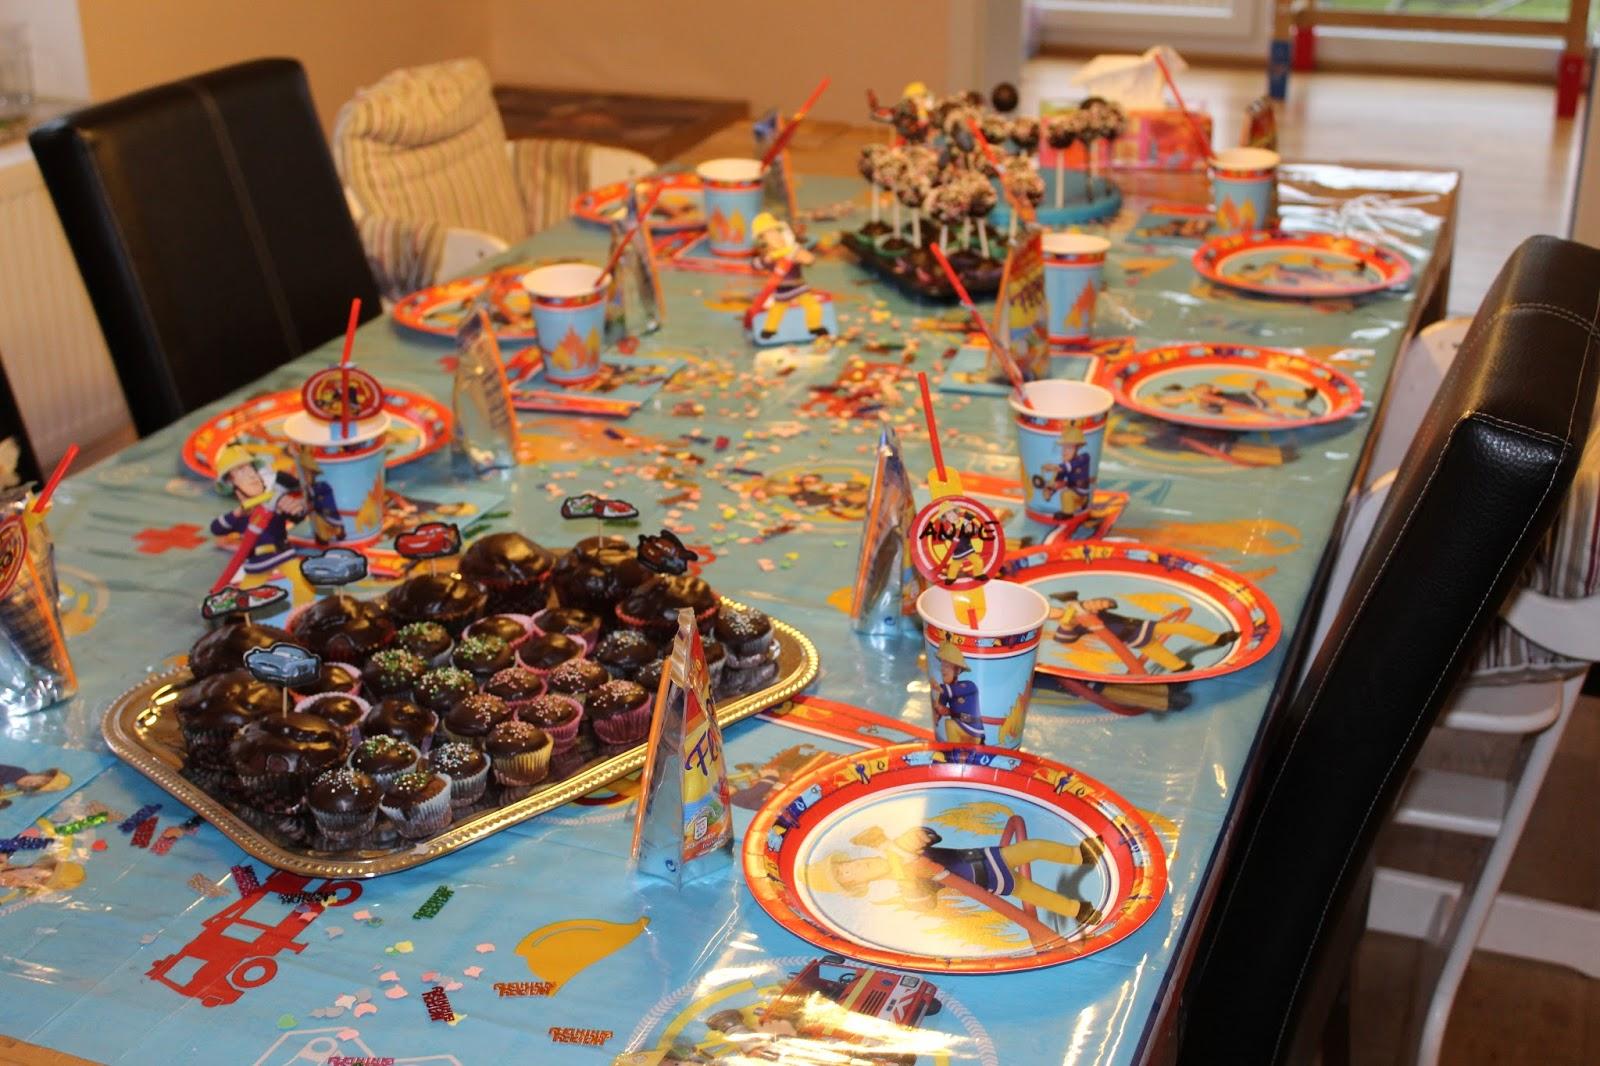 Kuchen Feuerwehr Kindergeburtstag Elena Of Avalor Cakes And More